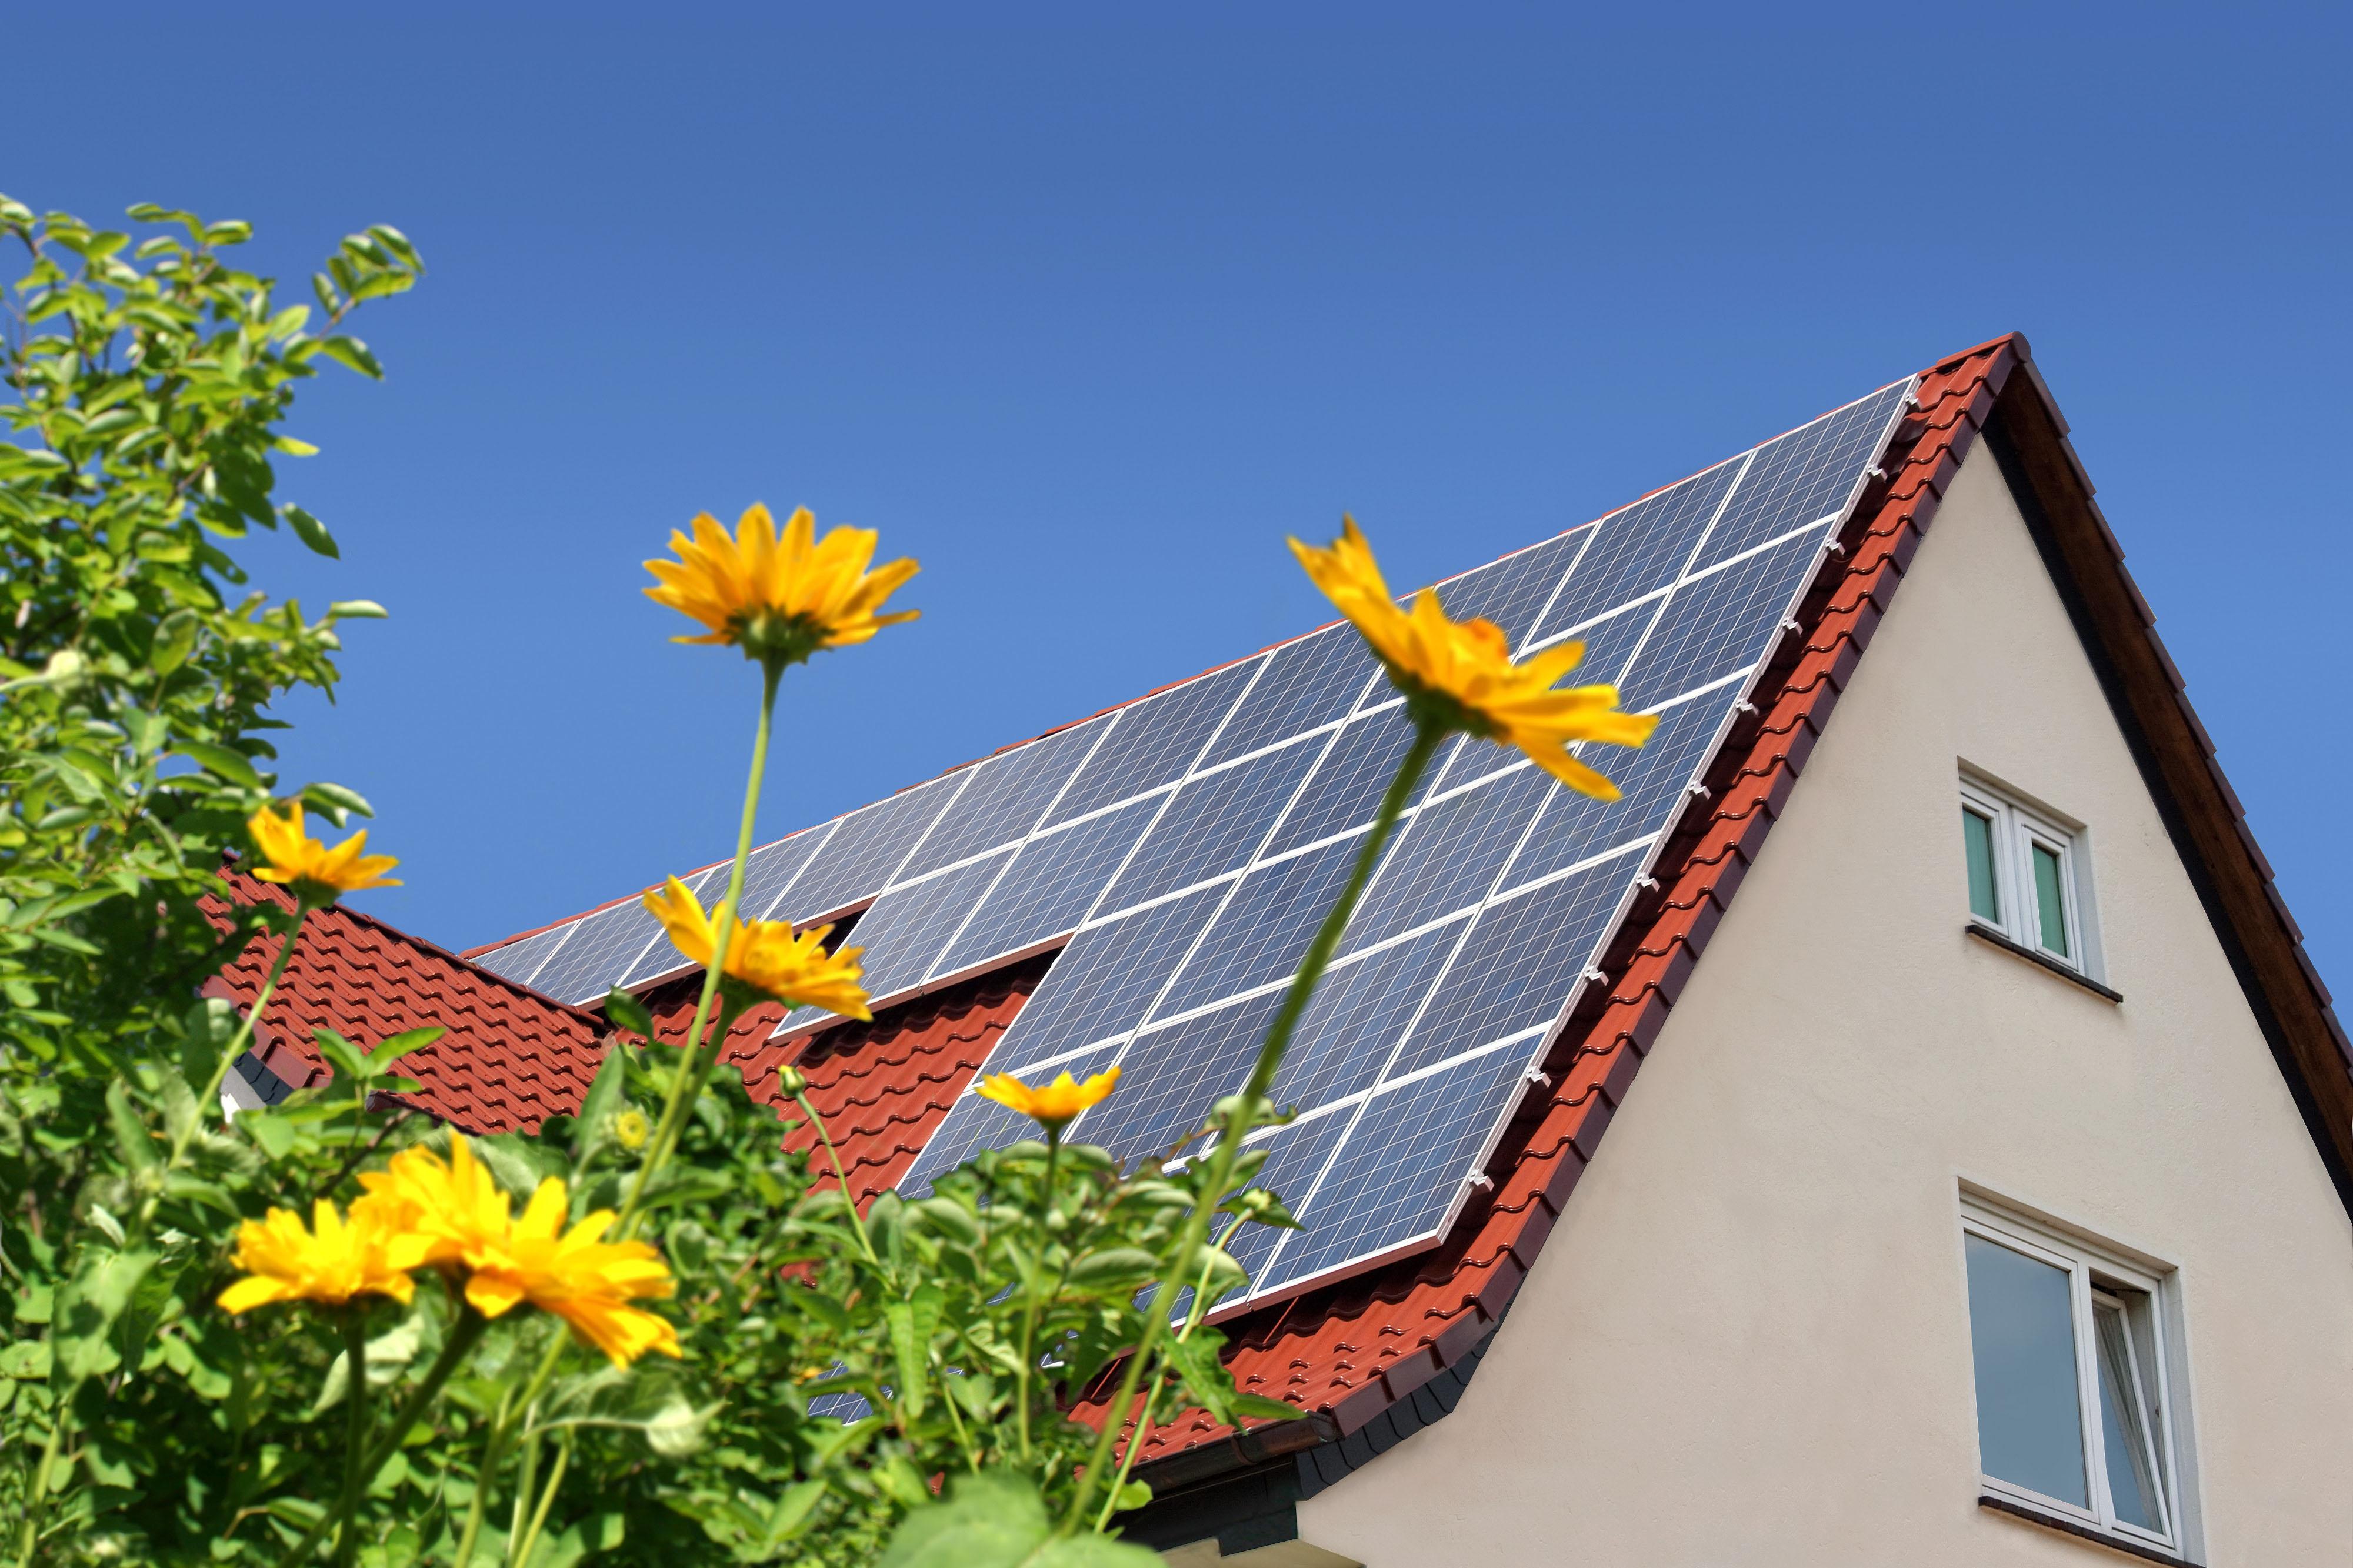 Erneuerbare Energien Anlagen, PV-Anlage auf dem Dach